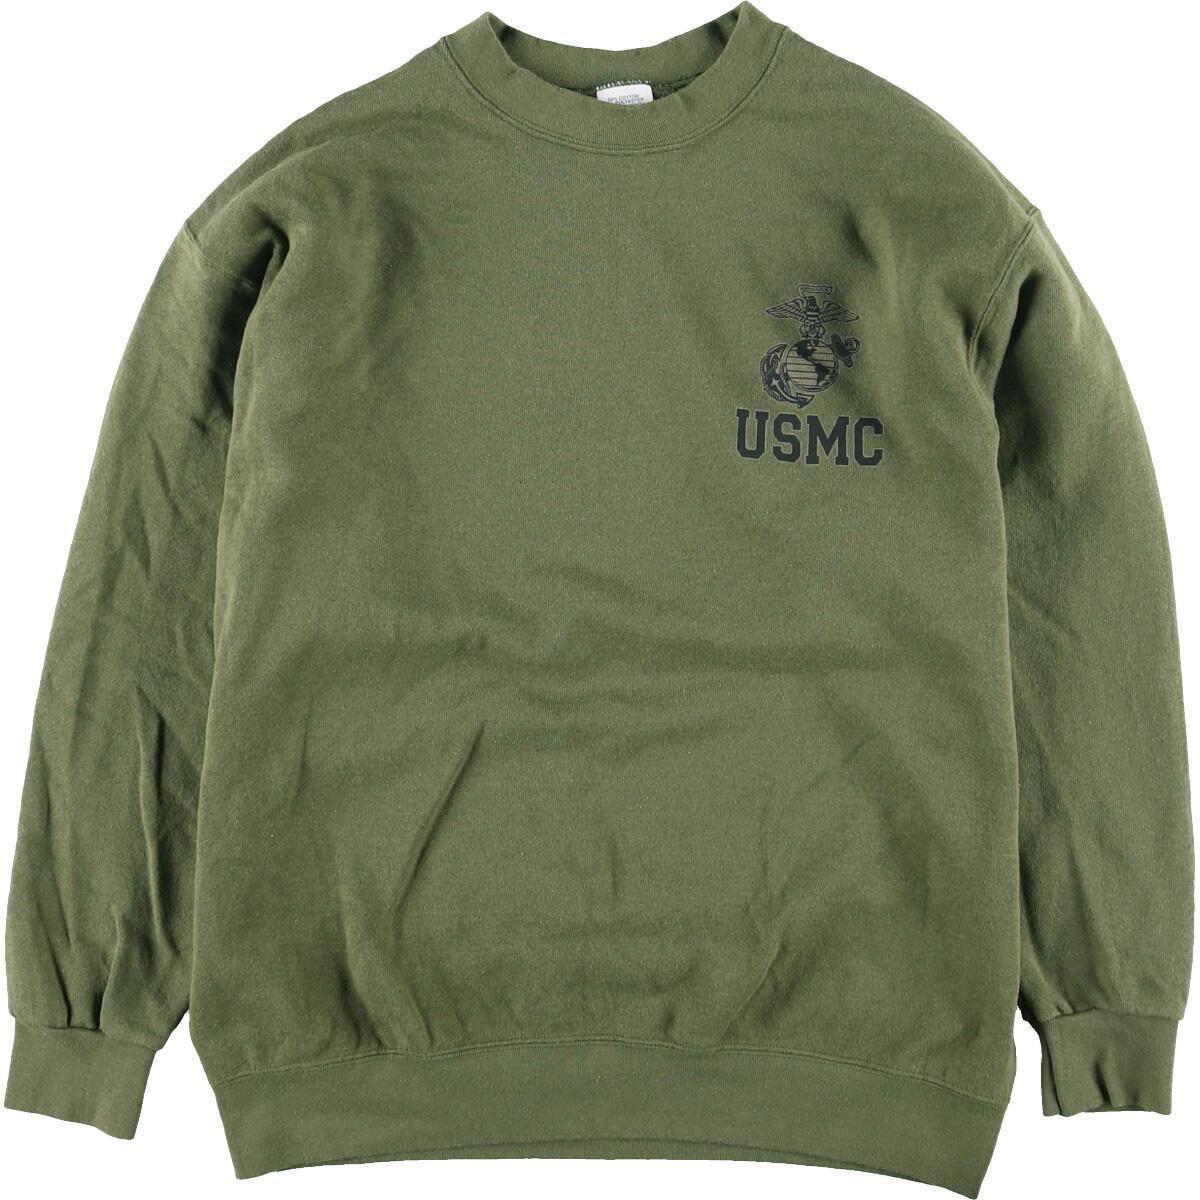 USMC アメリカ海兵隊 プリントスウェットシャツ トレーナー